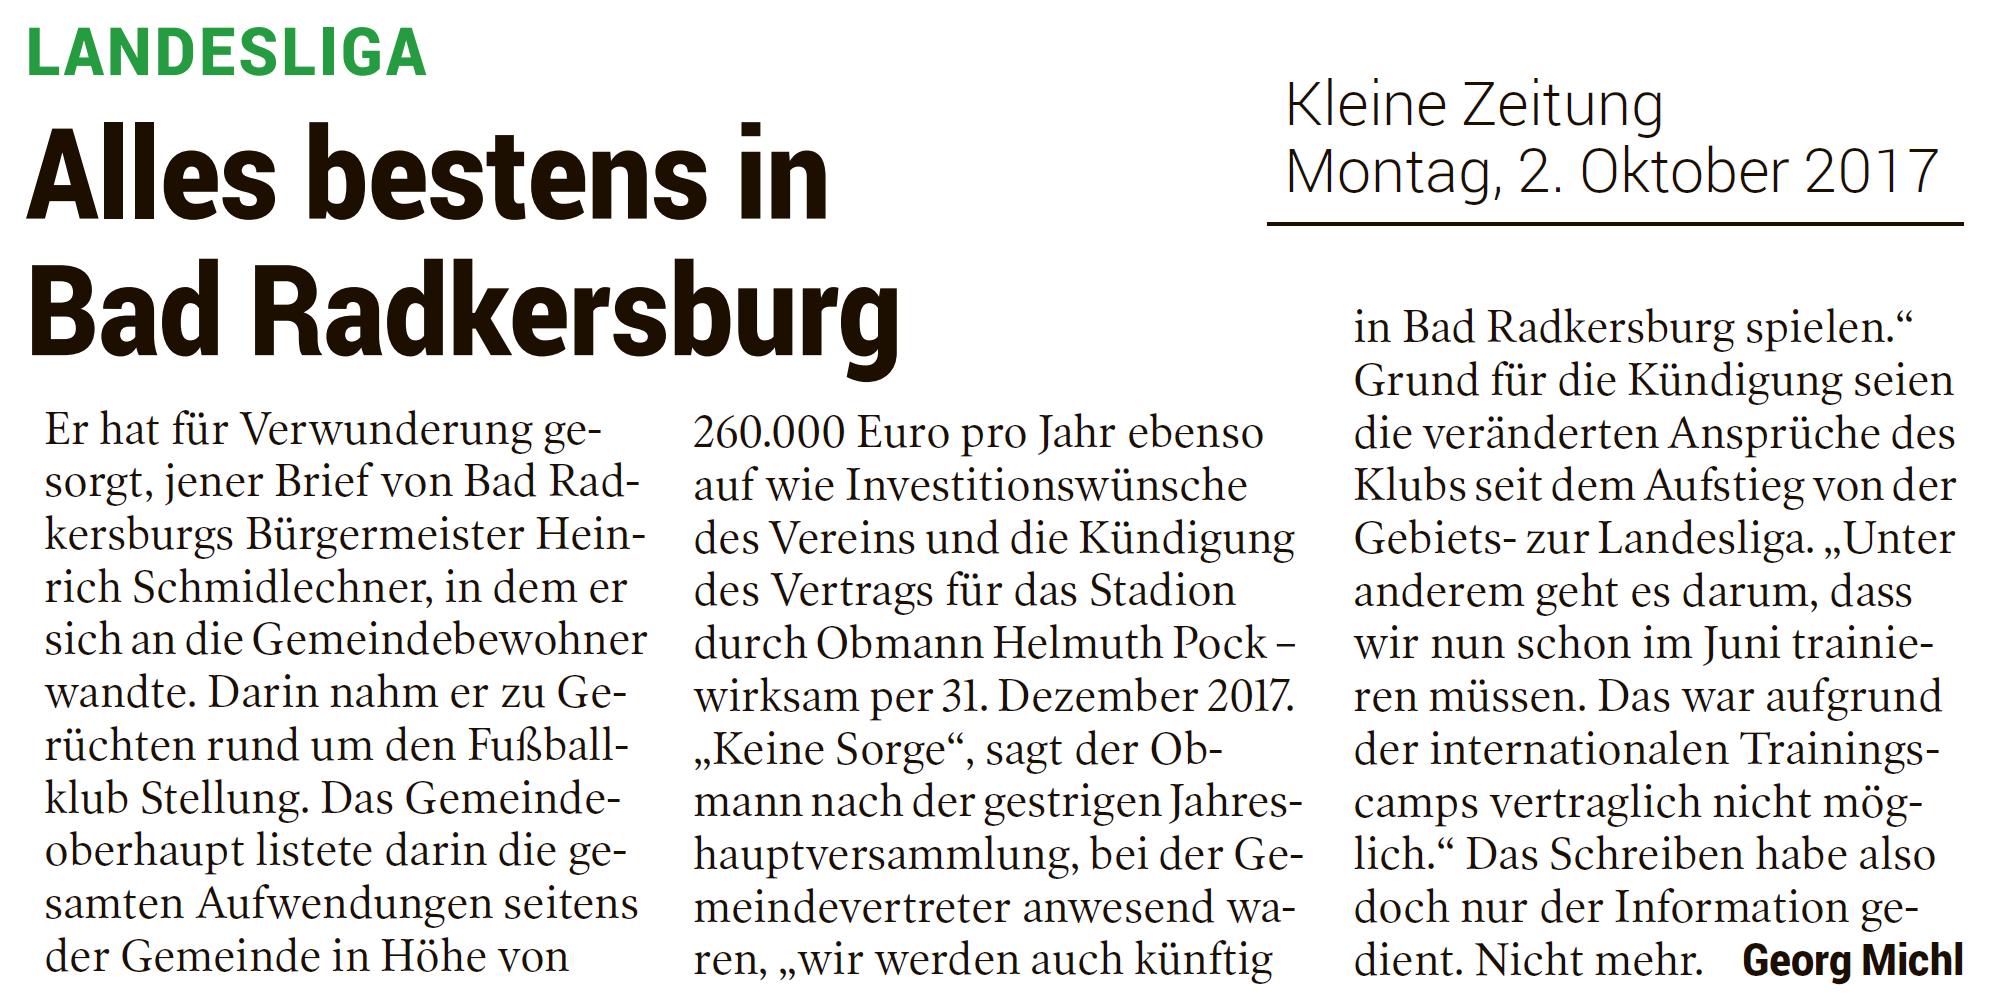 Fast alles bestens beim FC Bad Radkersburg | Steirische Landesliga ...